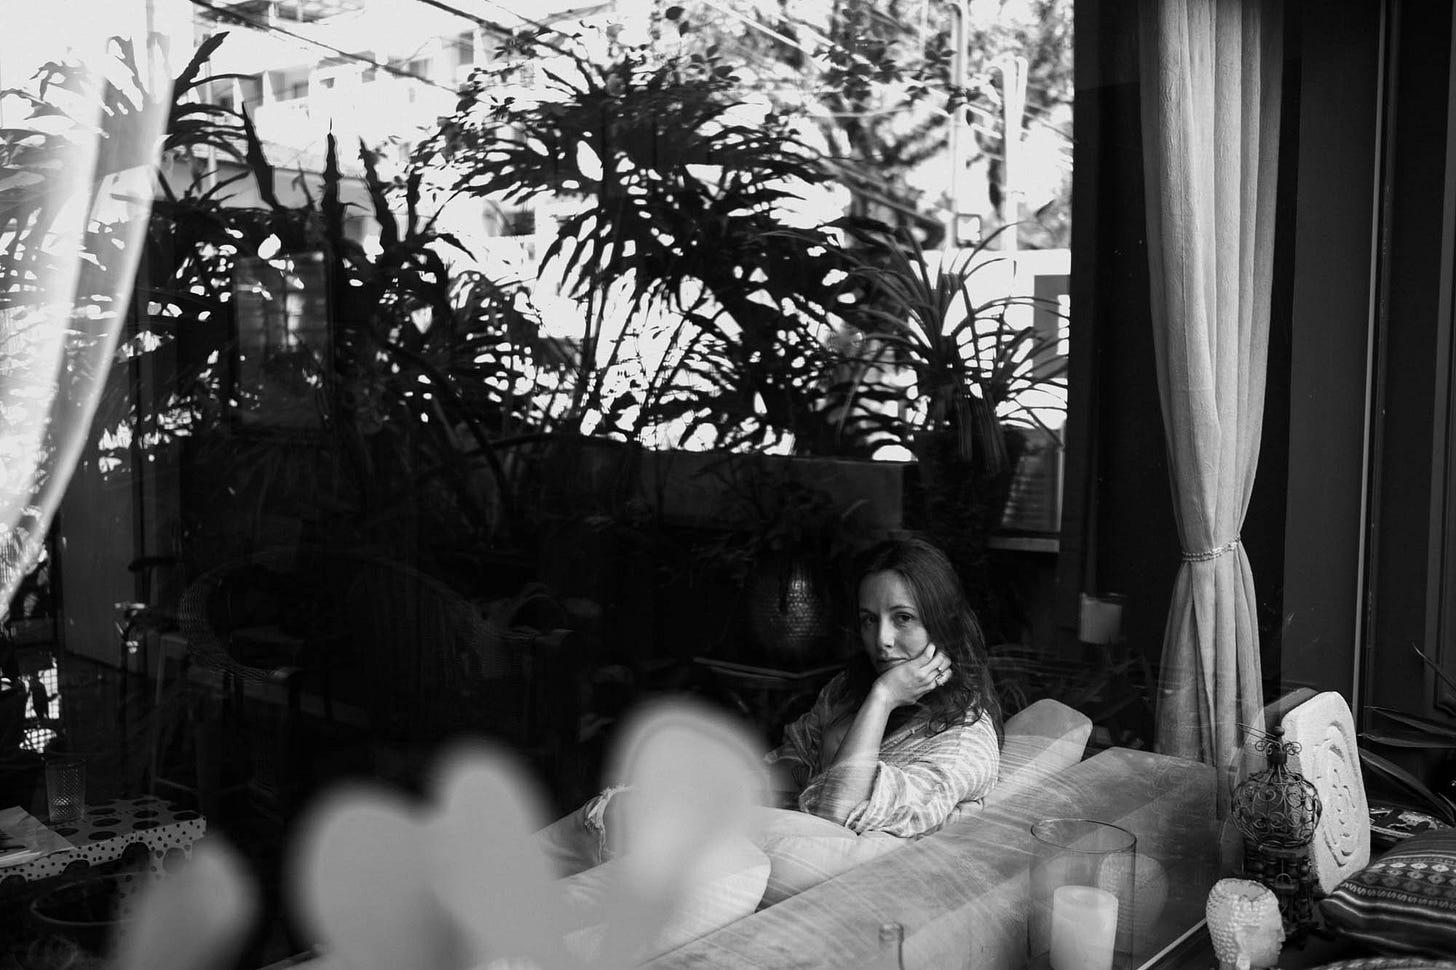 Mulher sentada em sofá atrás de vidraça olhando pela janela através de plantas, imagem em preto e branco